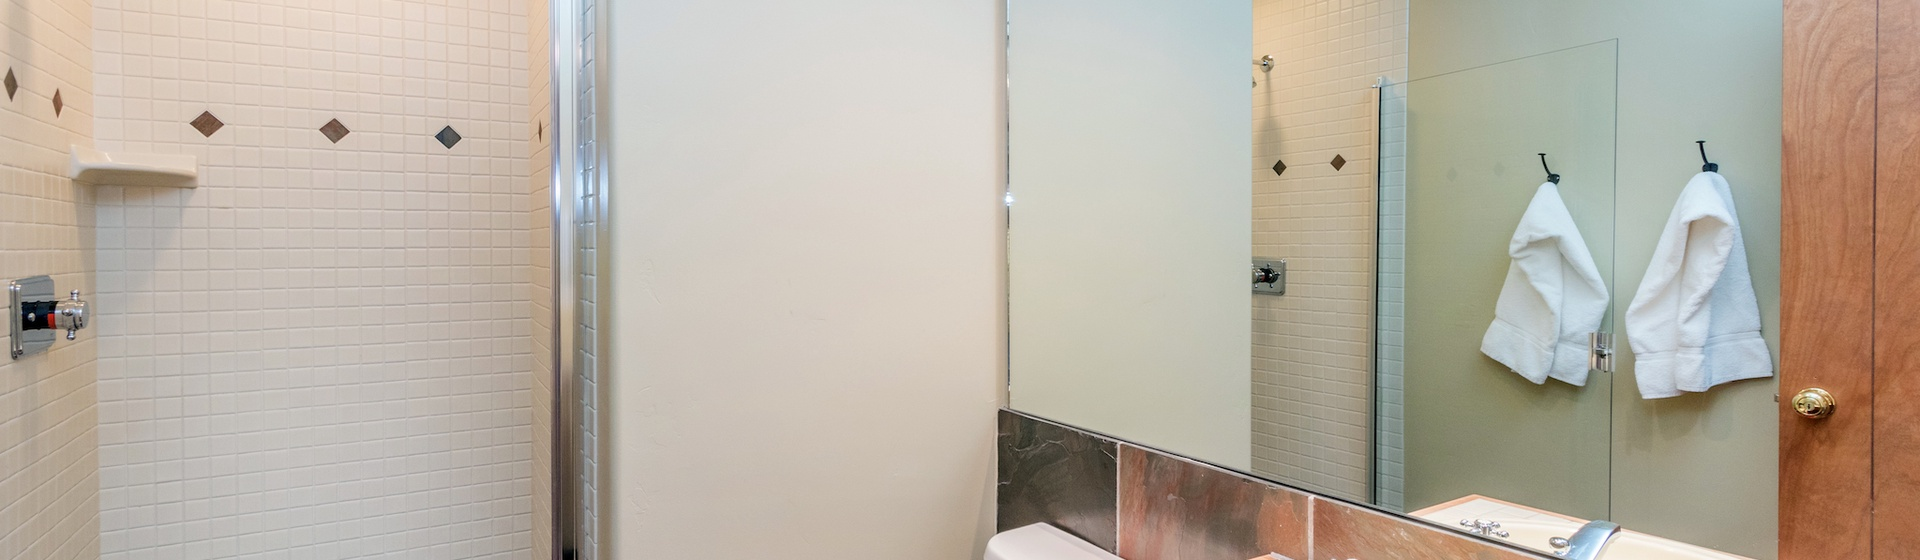 12-Telluride-Terraces402-Bathroom.JPG